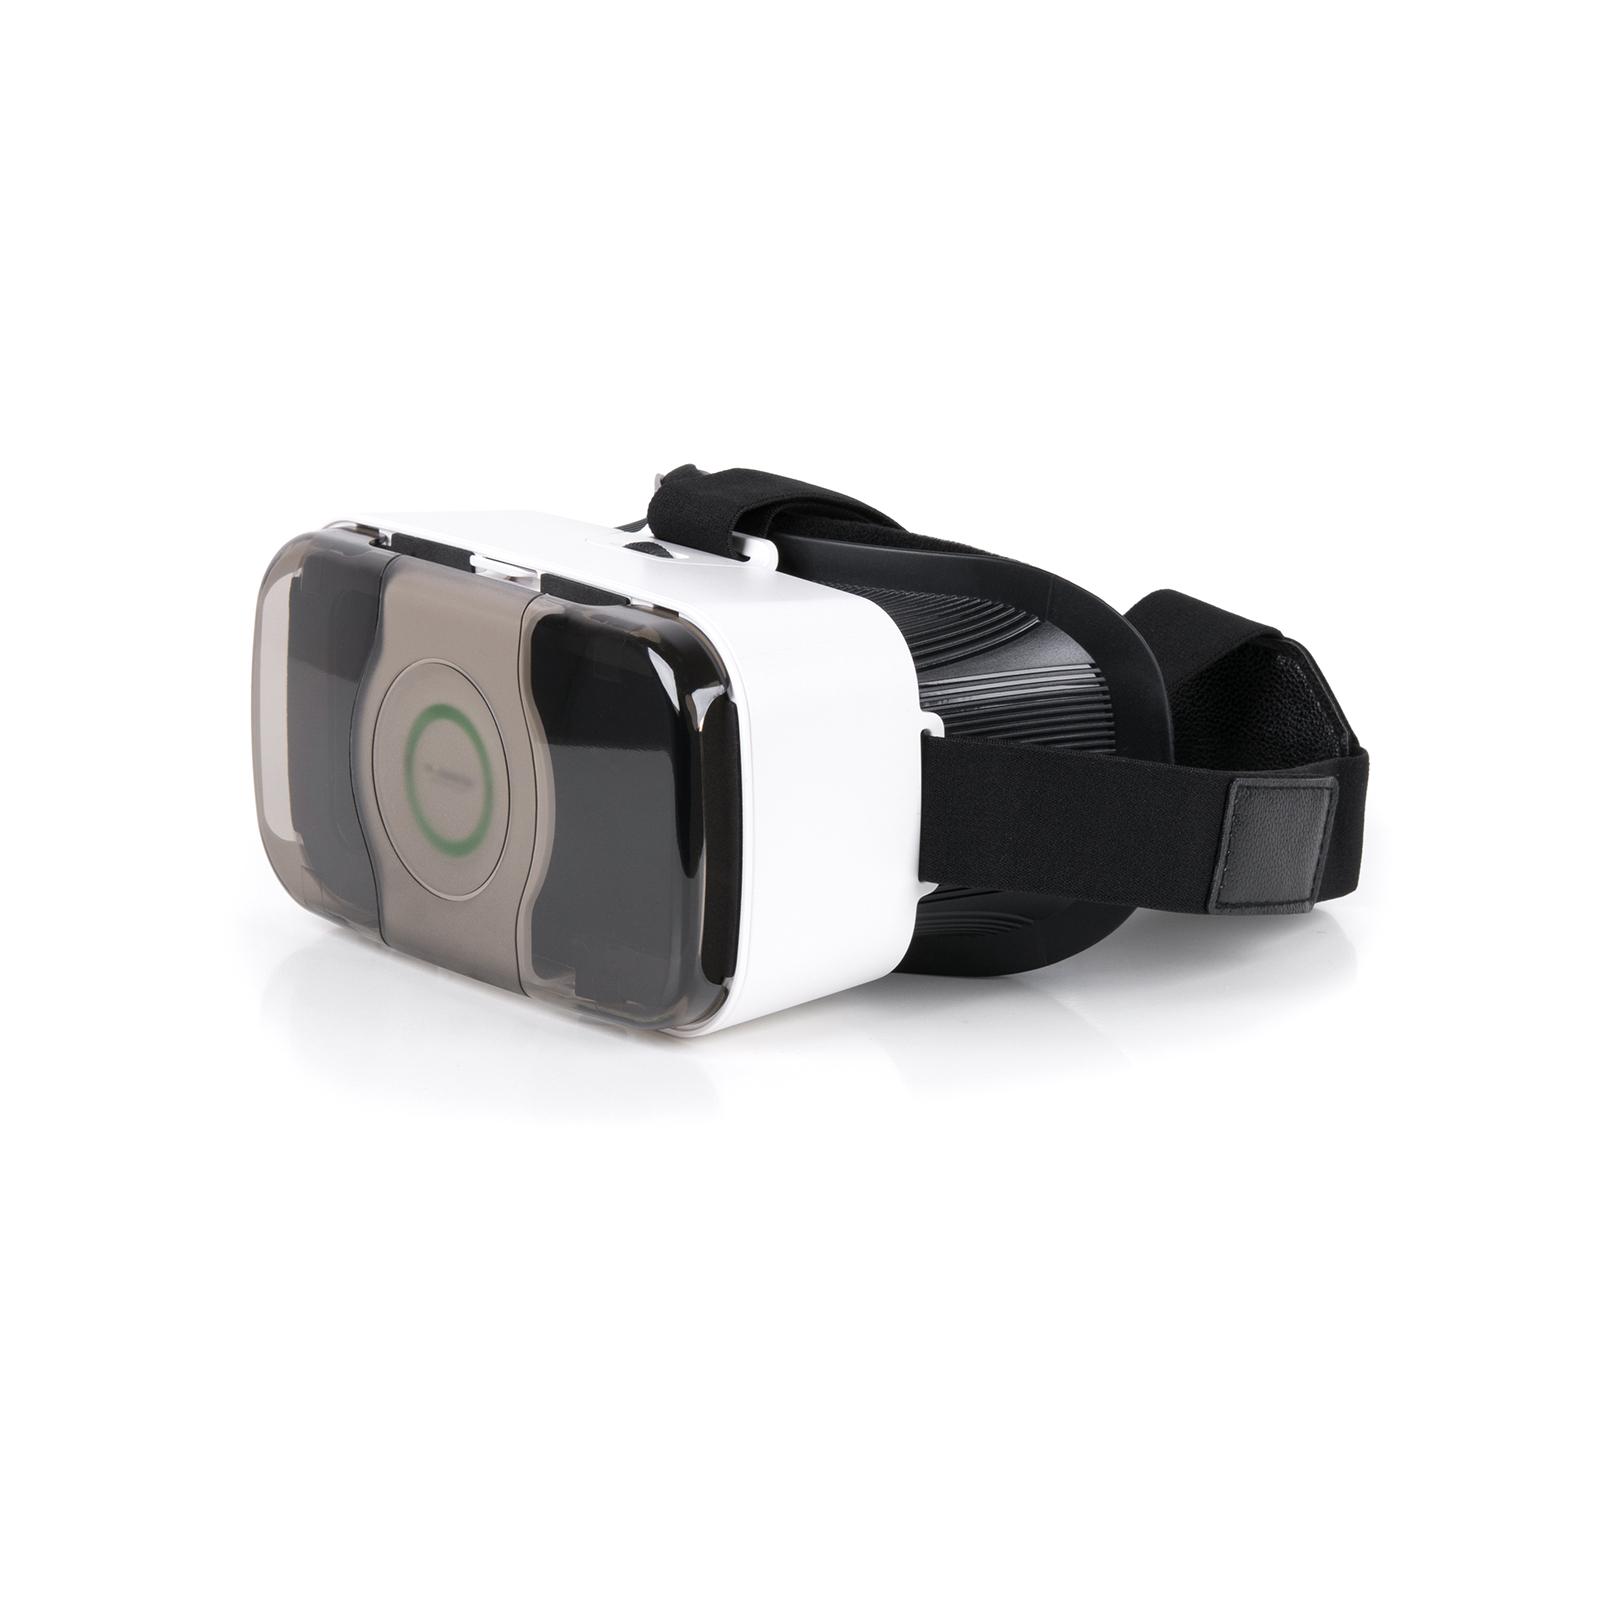 Купить очки виртуальной реальности недорого в королёв найти защита объектива синяя mavic combo